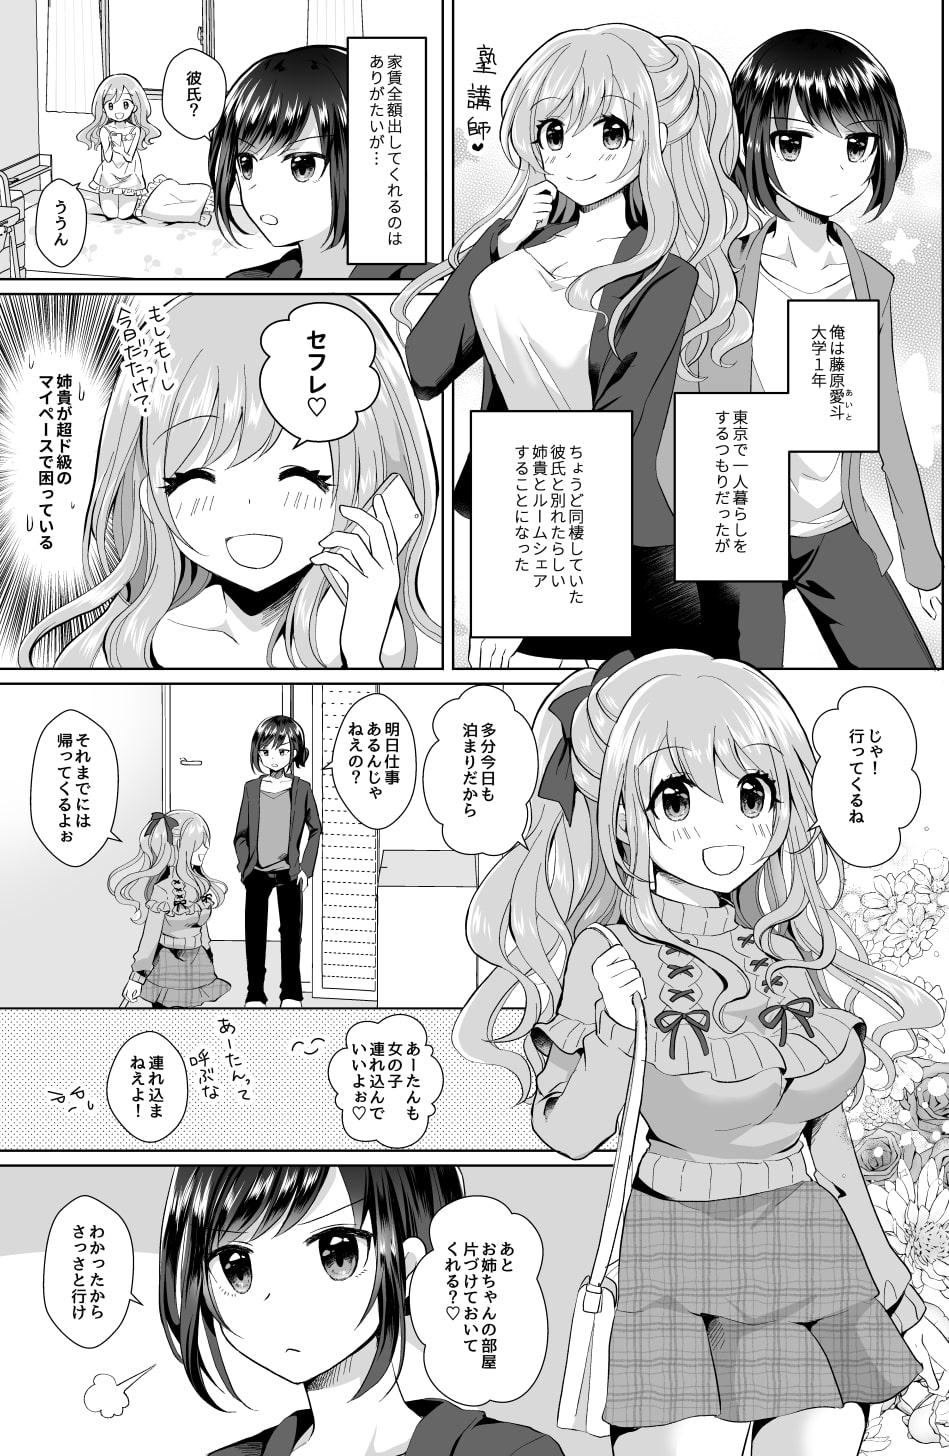 RJ316751 俺と姉貴の女のコライフ [20210206]